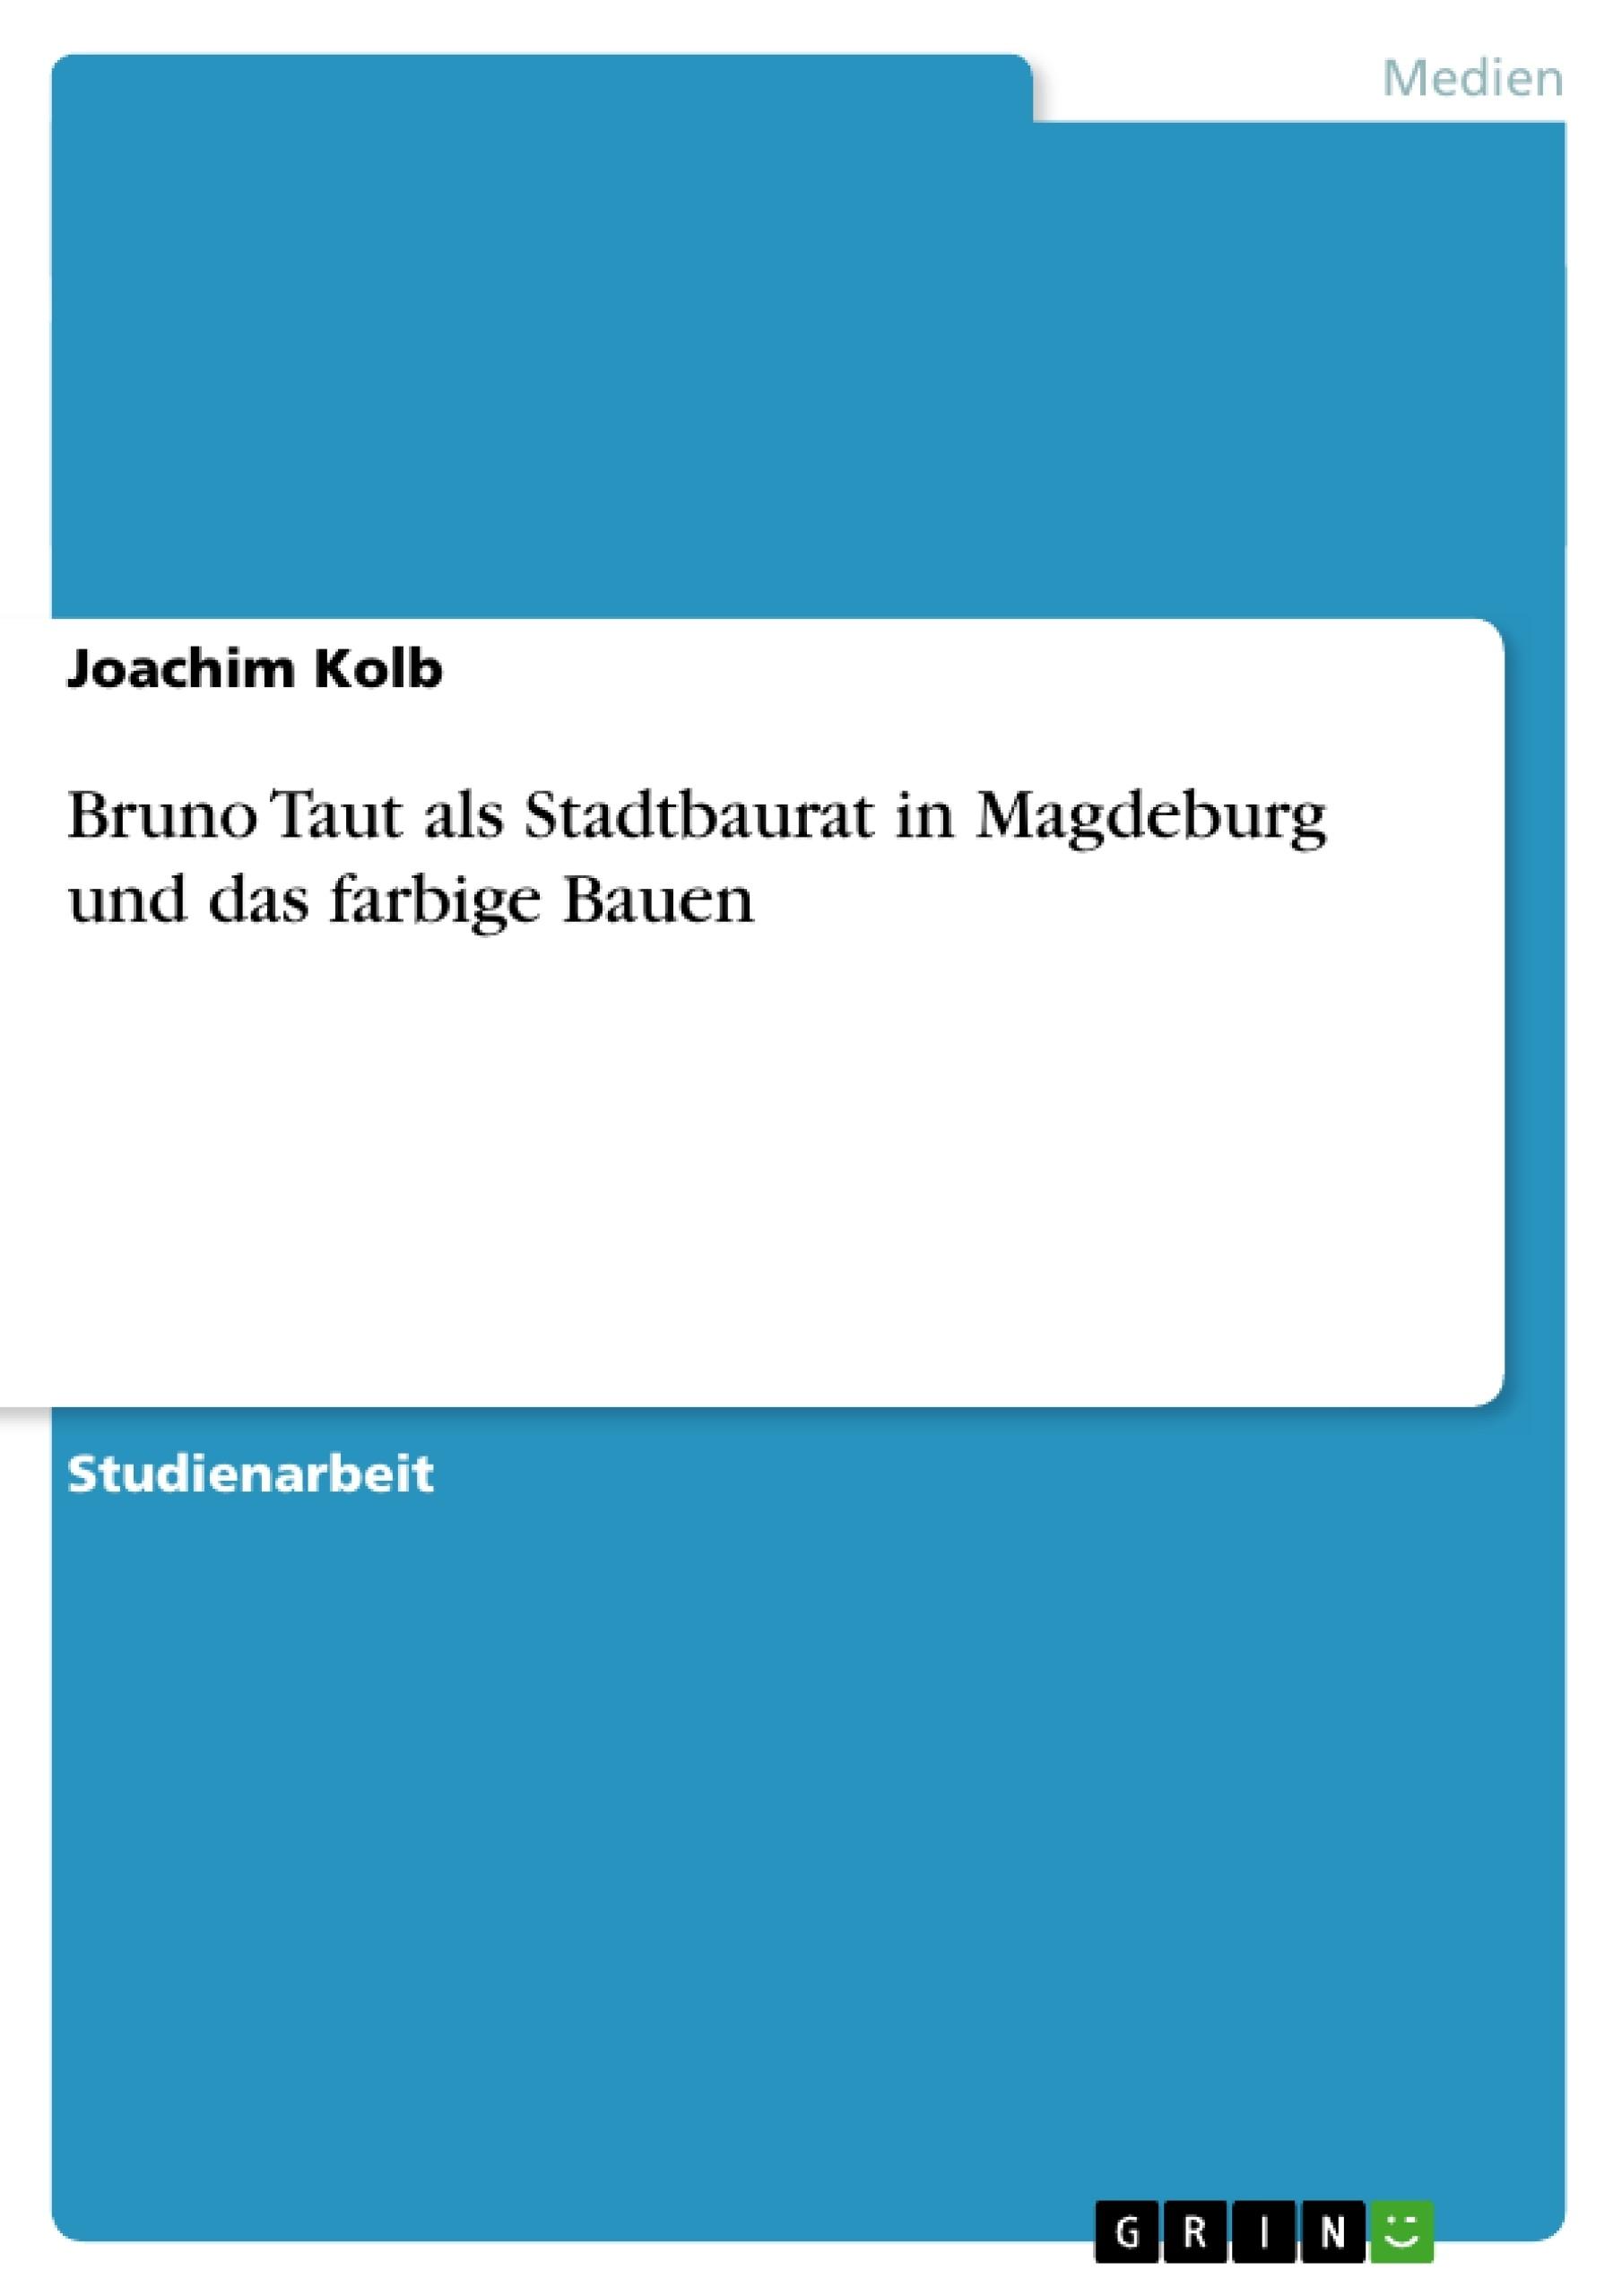 Titel: Bruno Taut als Stadtbaurat in Magdeburg und das farbige Bauen